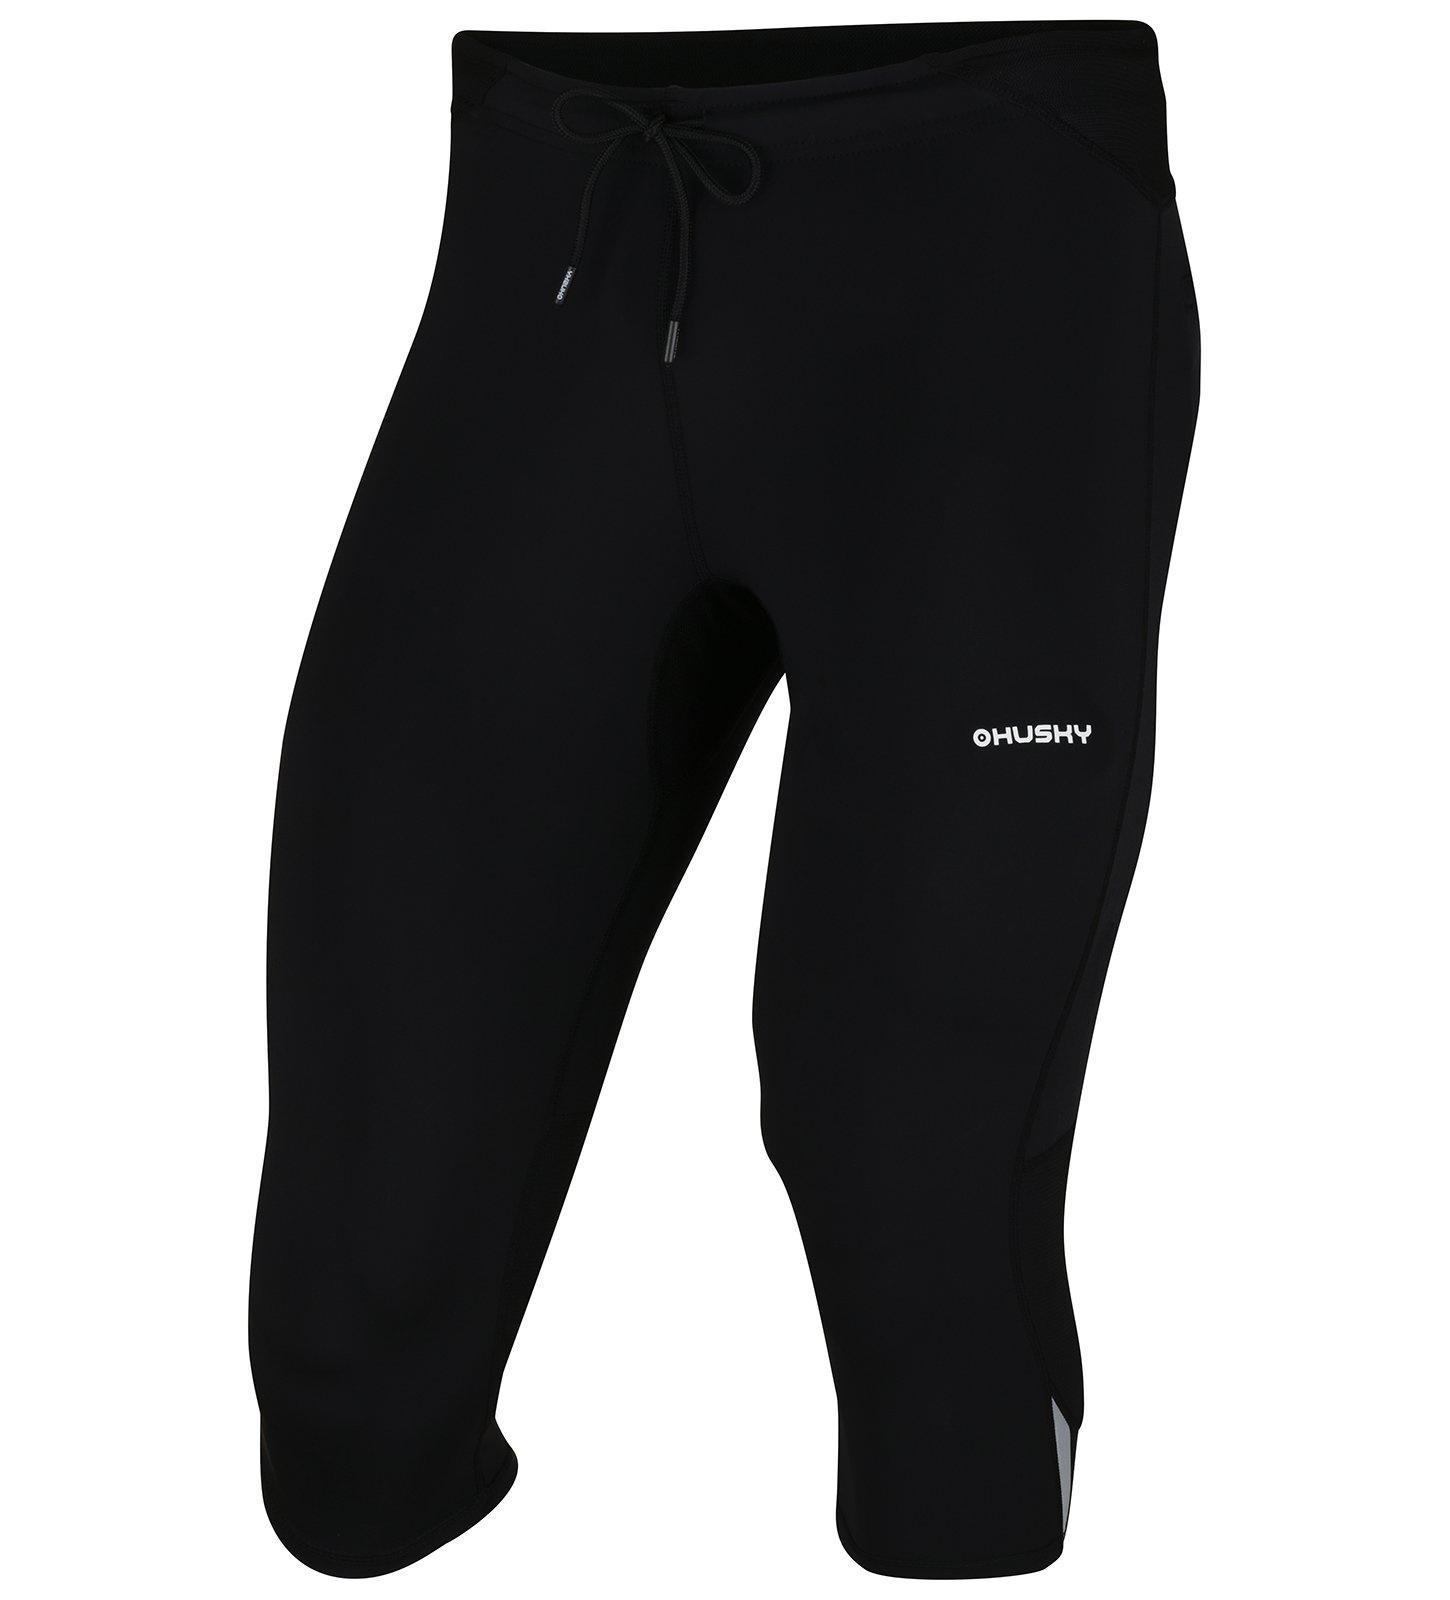 Husky Darby M čierna, XL Pánske 3/4 nohavice